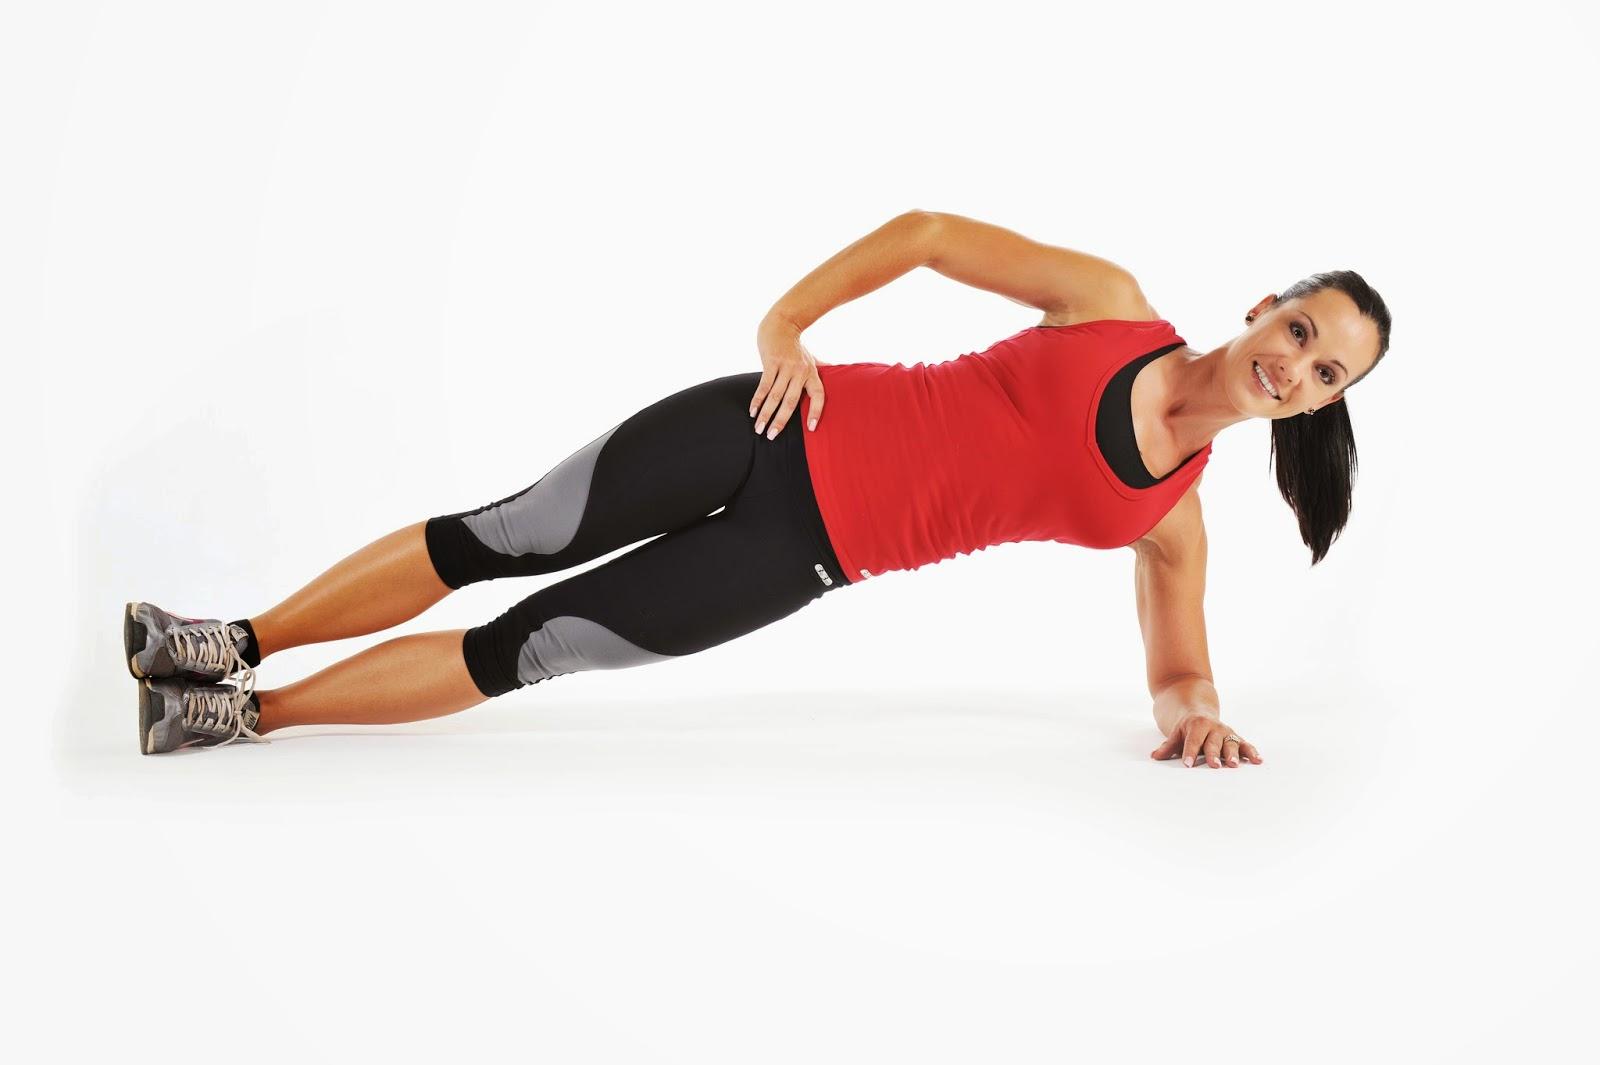 Как уменьшить талию : упражнения готовый план (фото) 11